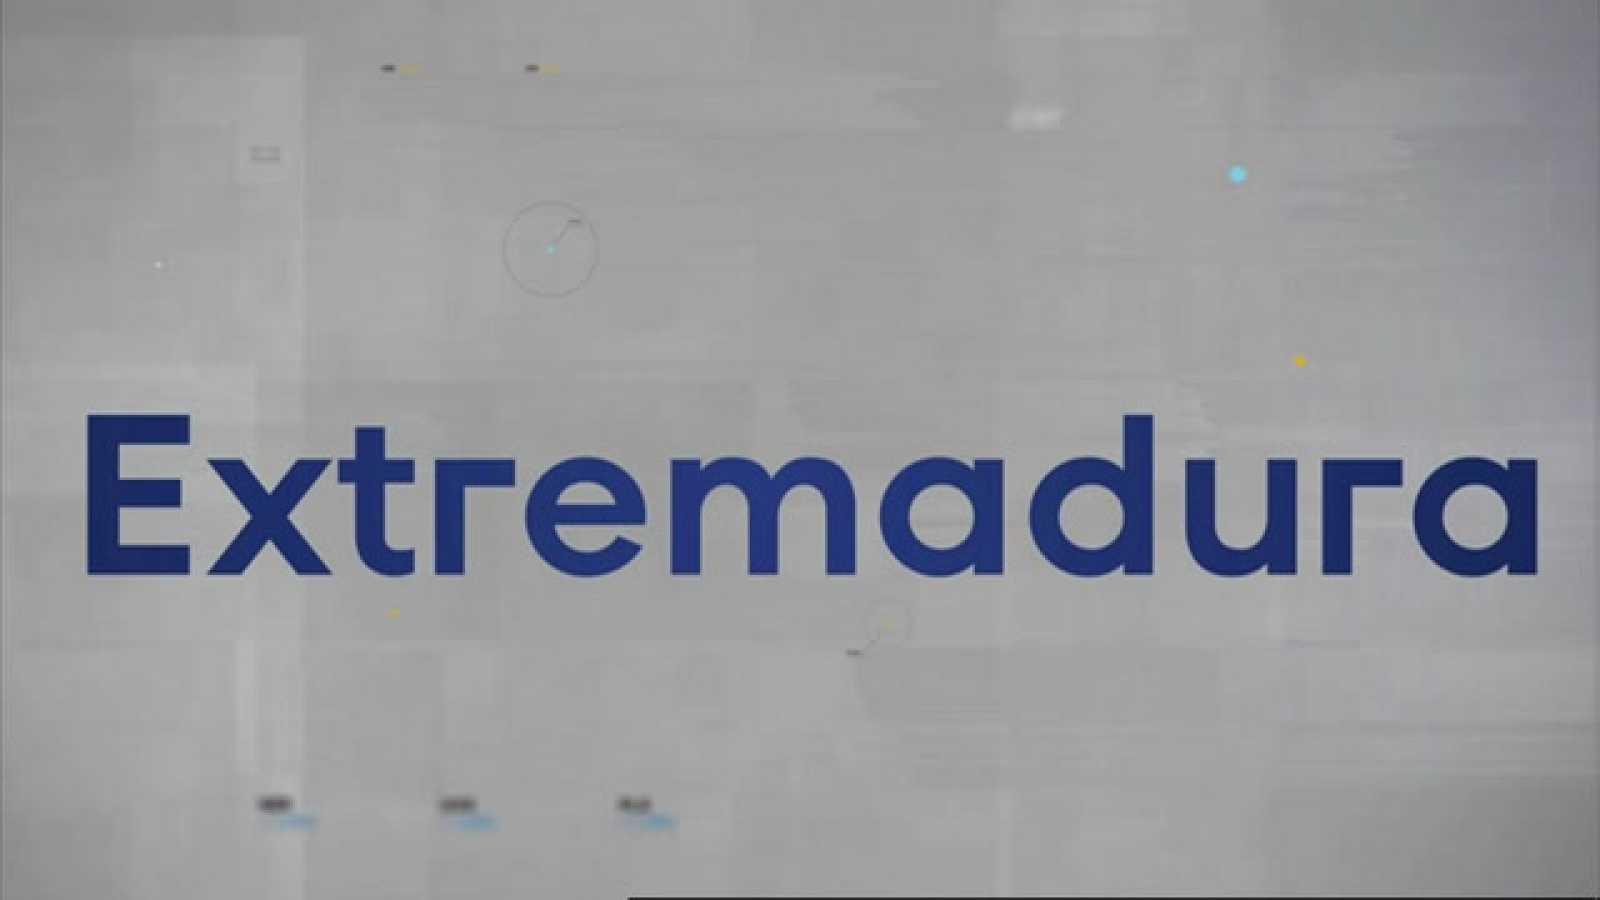 Extremadura en 2' - 14/05/2021